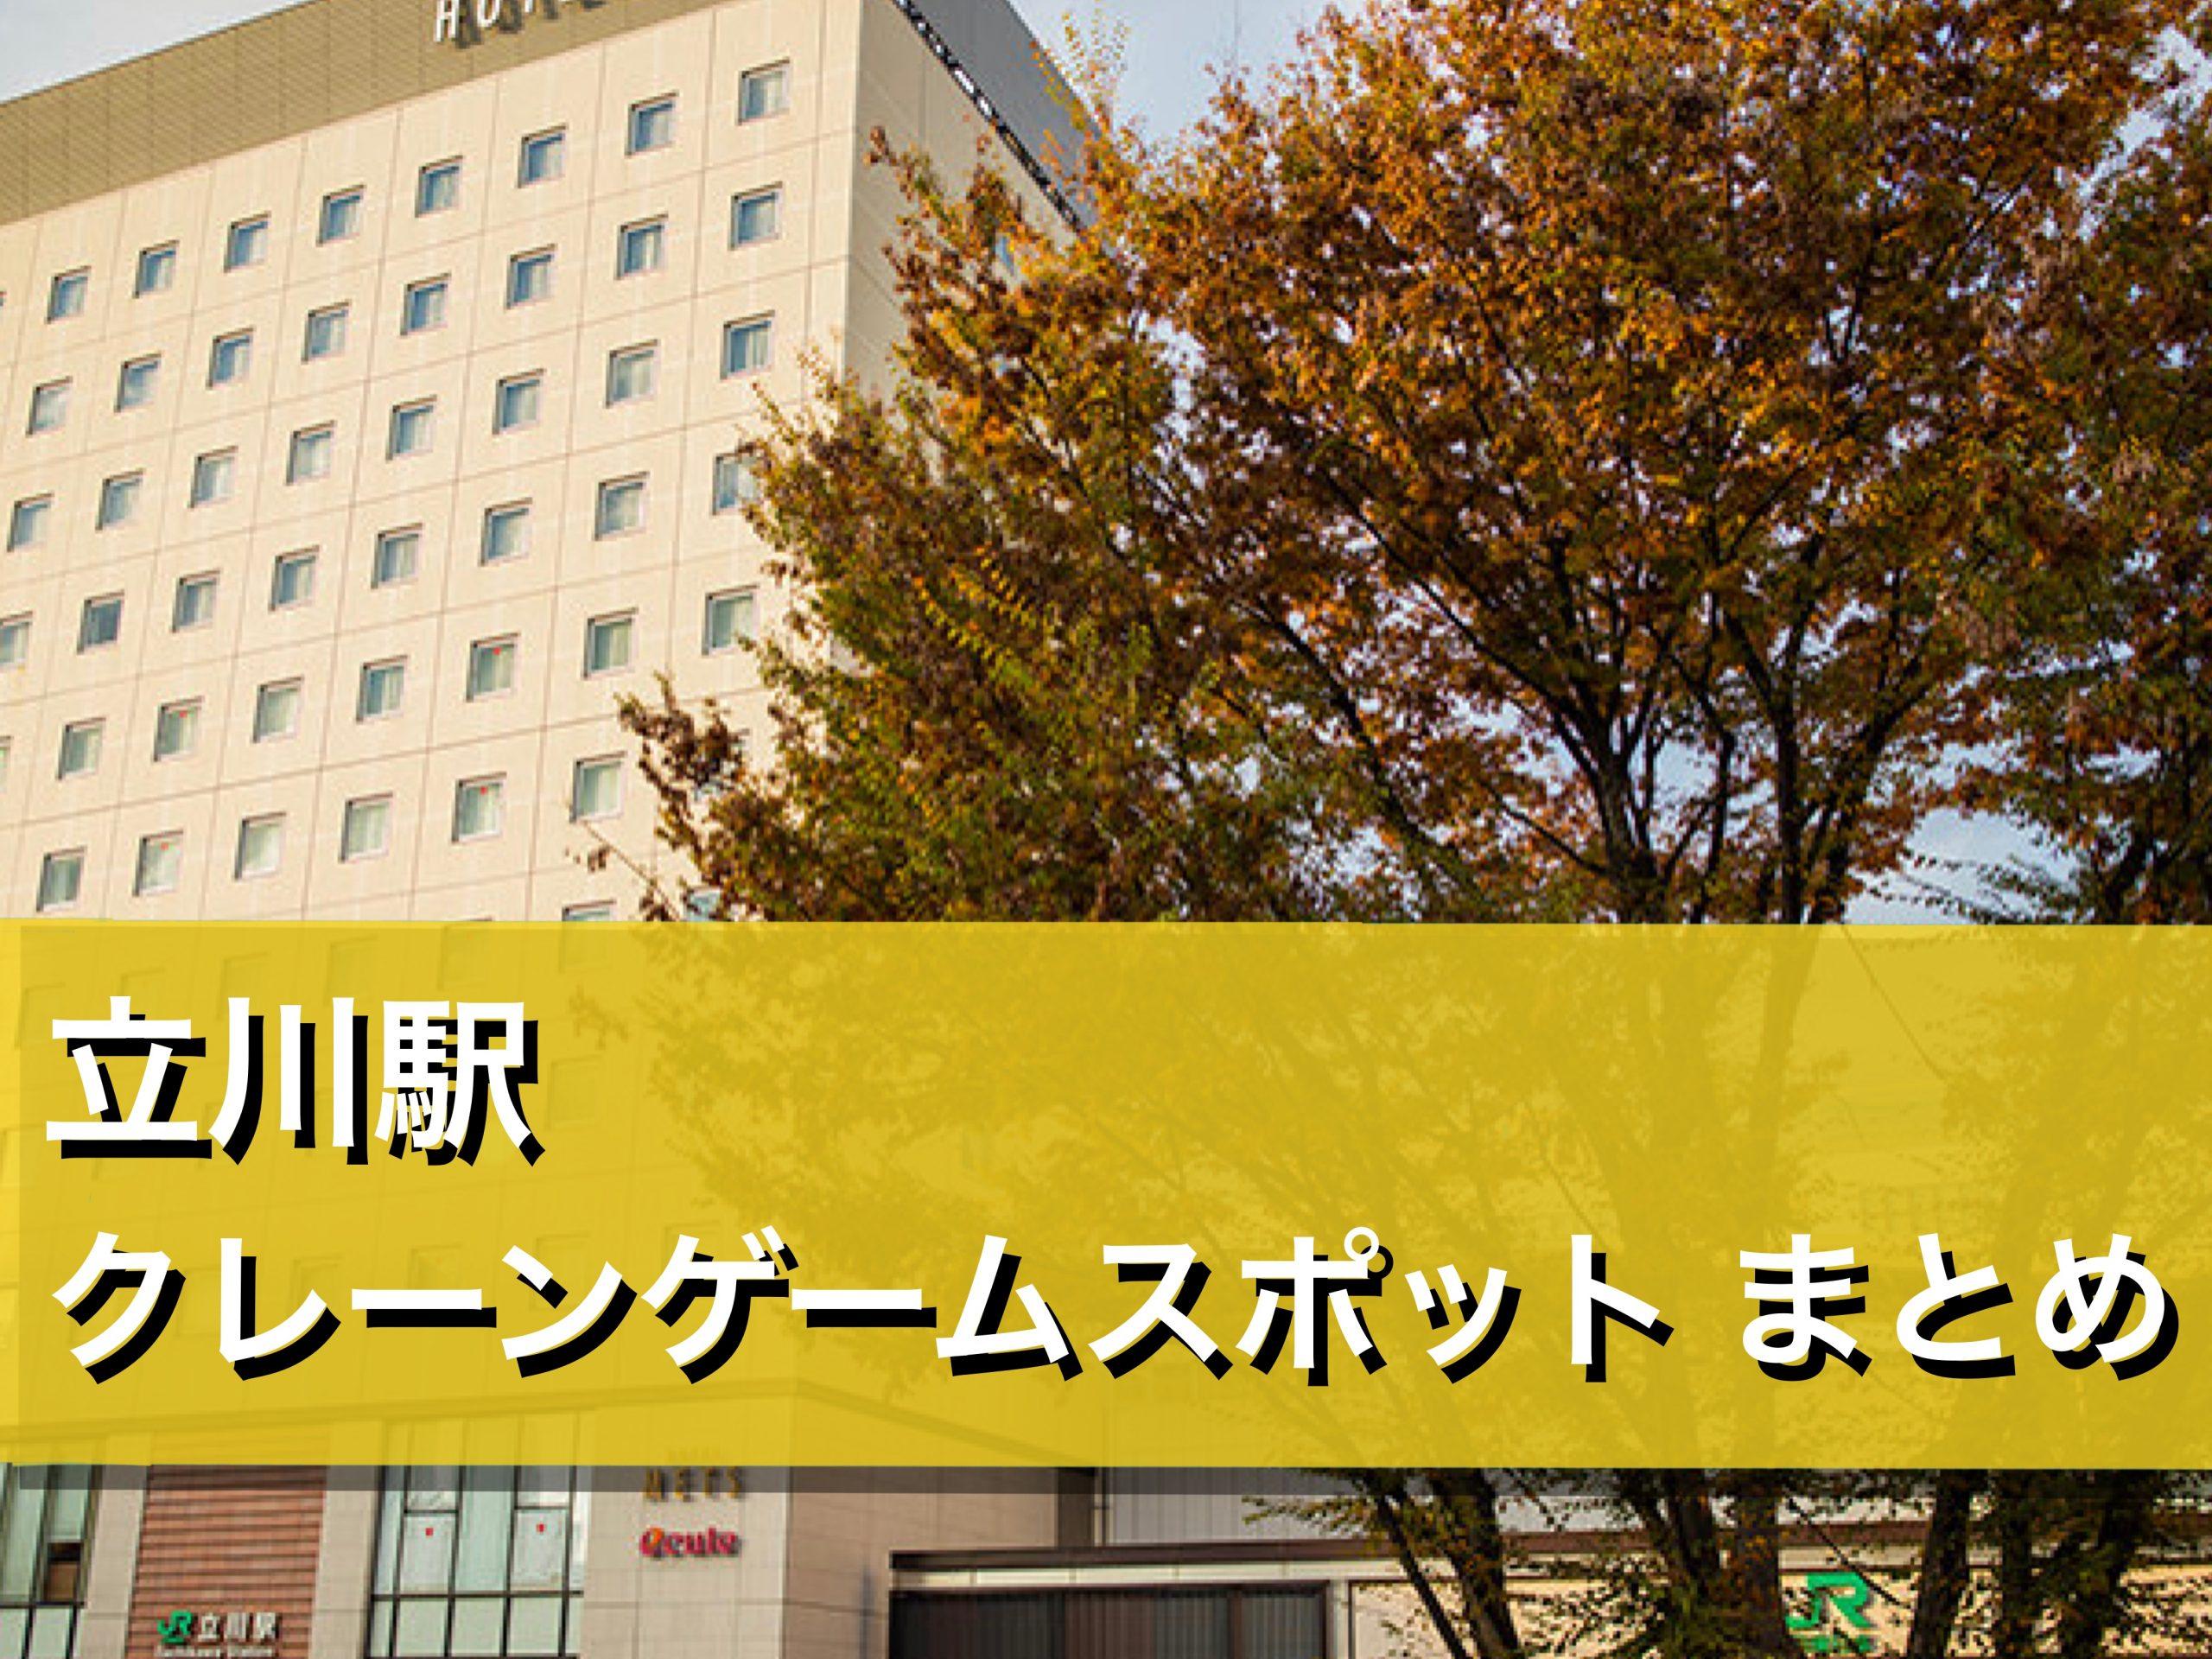 【立川駅】クレーンゲームができる場所